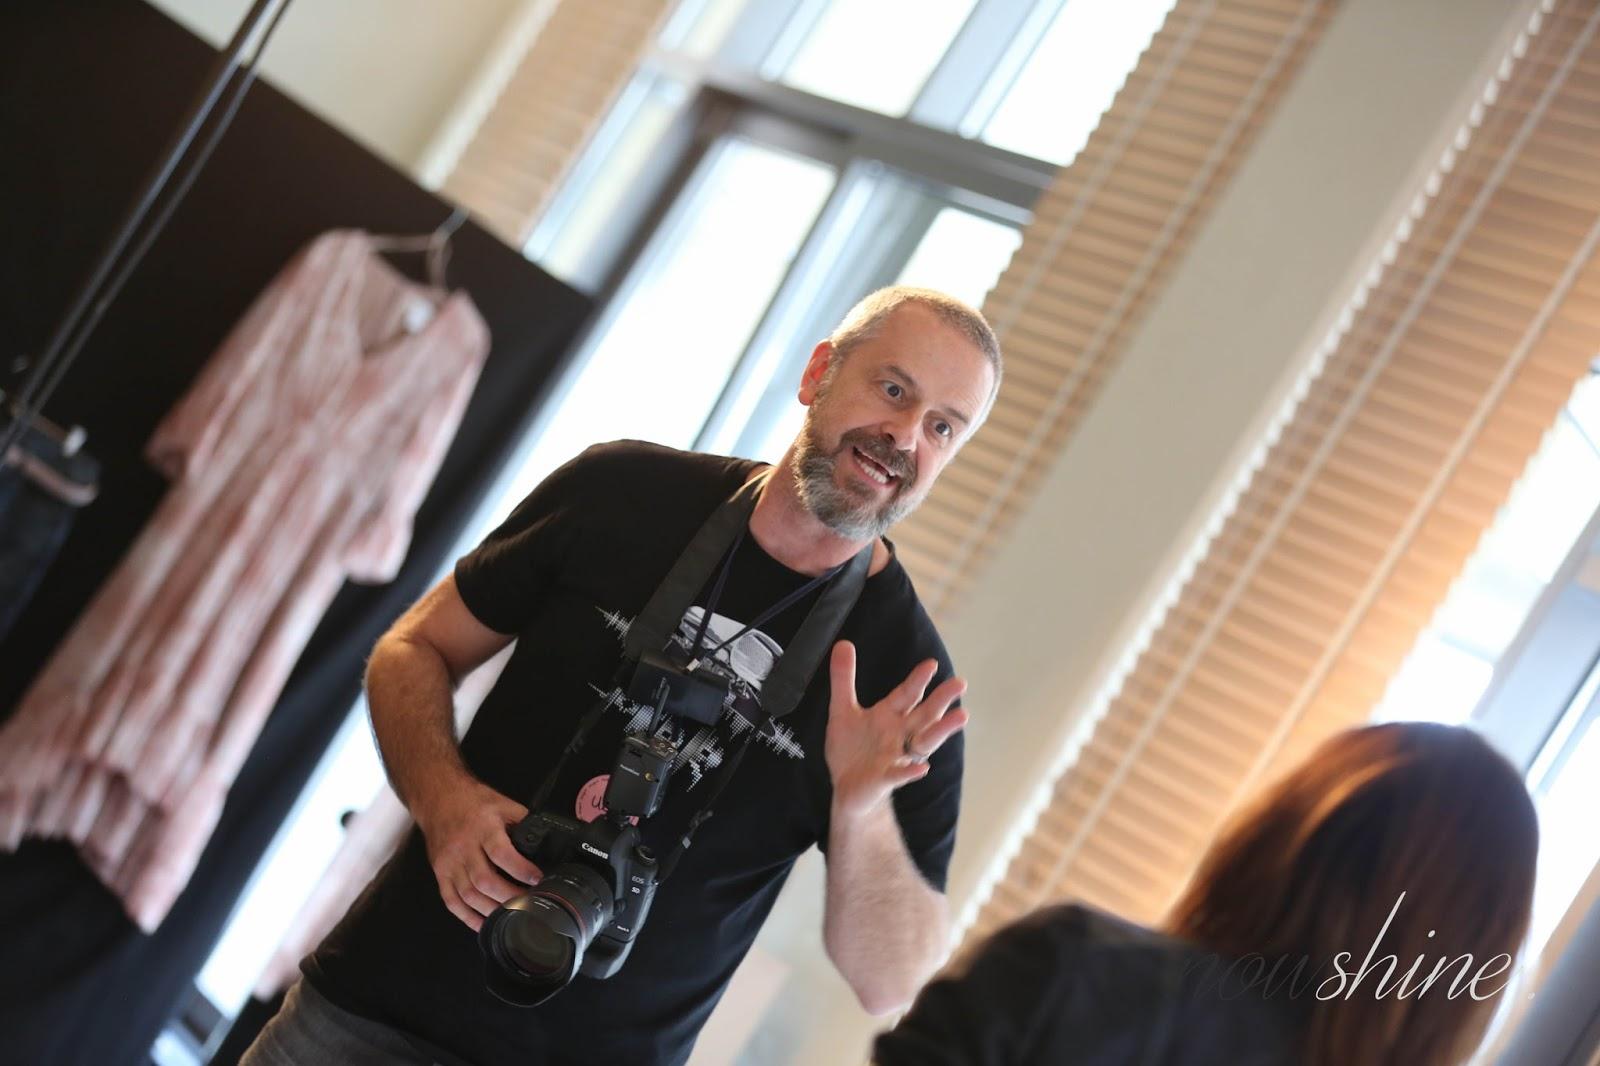 Fotograf Uli Scheibe